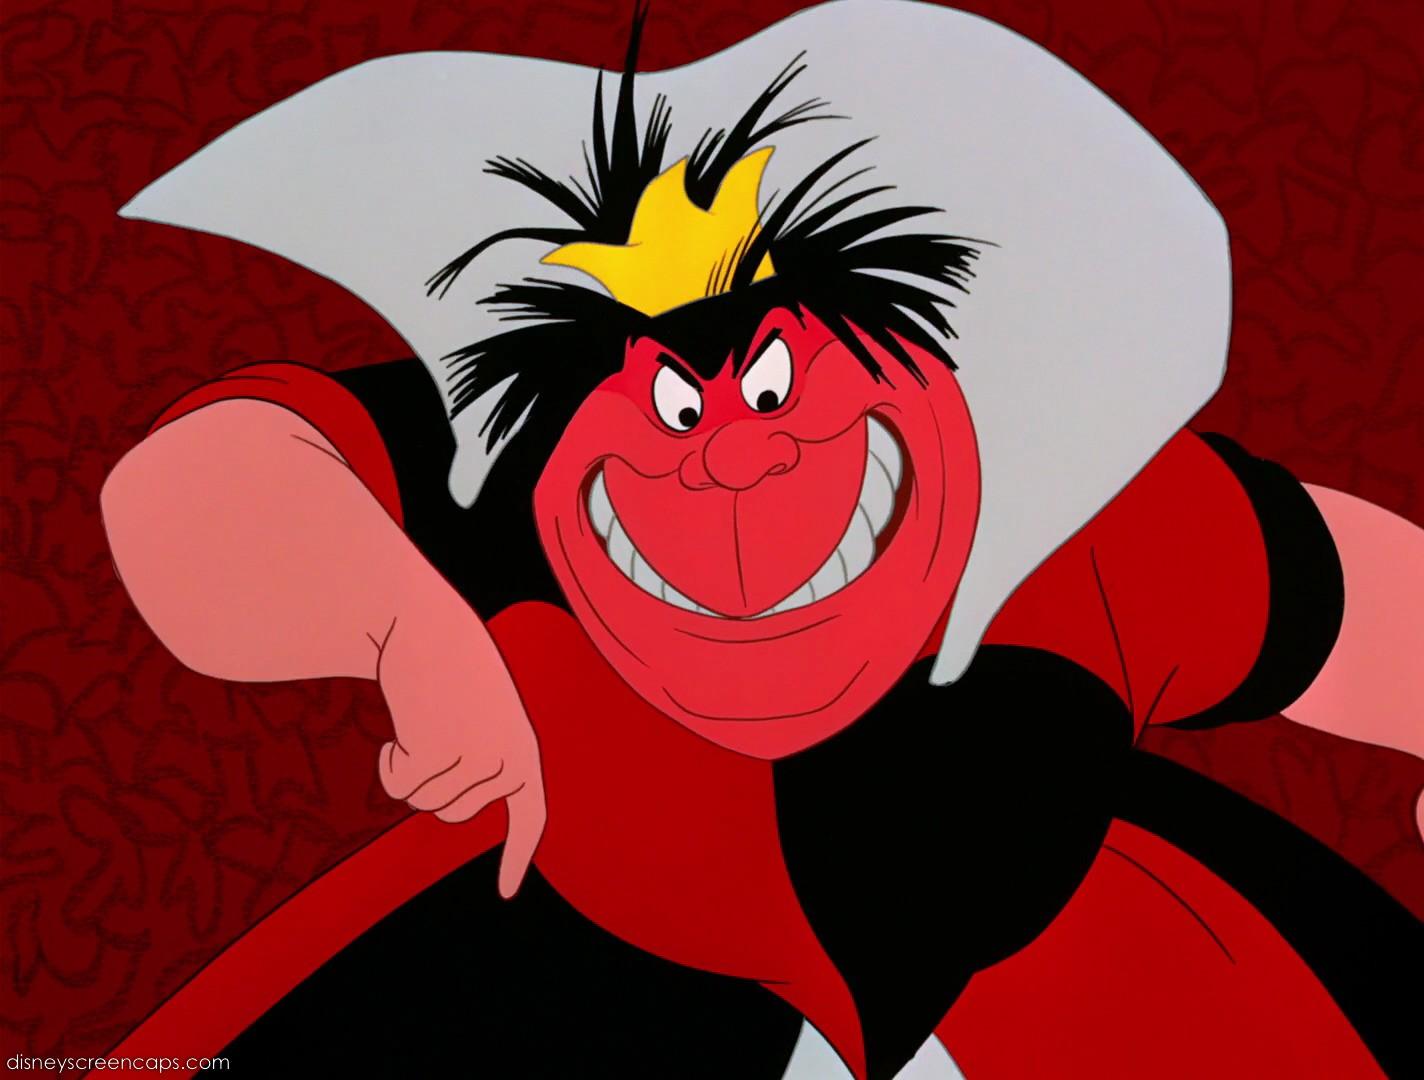 Queen of Hearts Alice in Wonderland